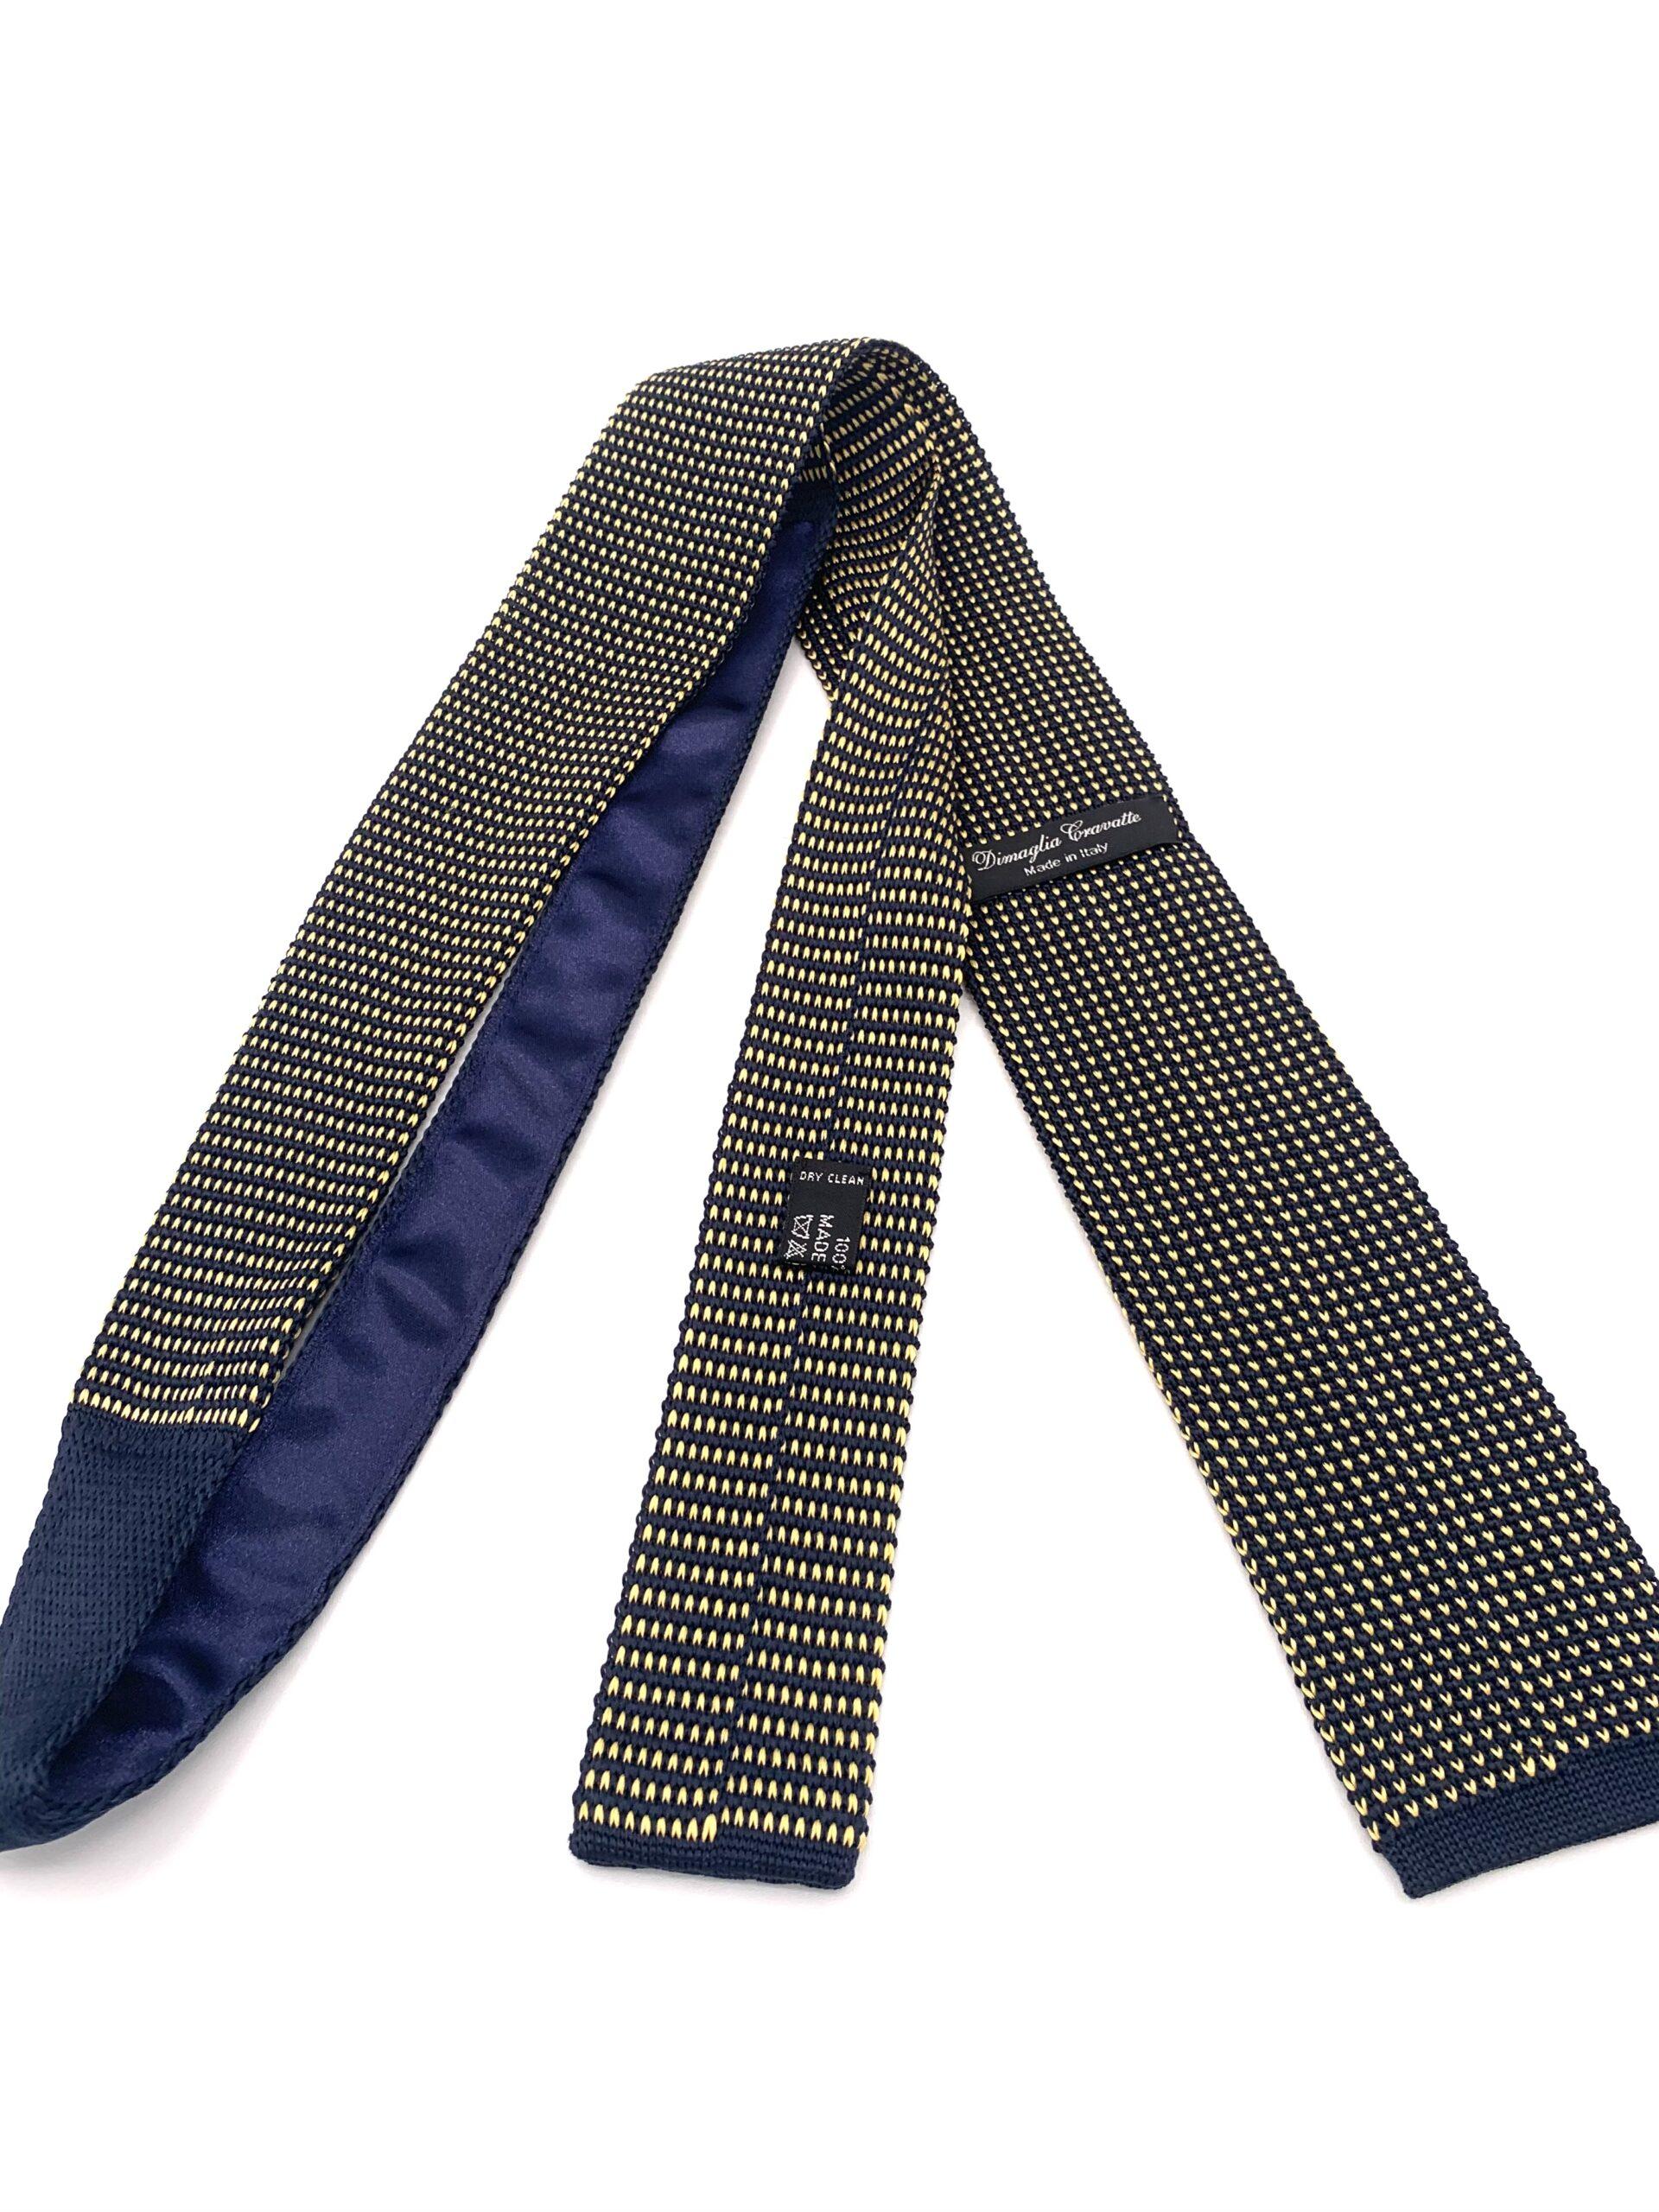 DIMAGLIA - cravatta di maglia con puntini blu e giallo retro